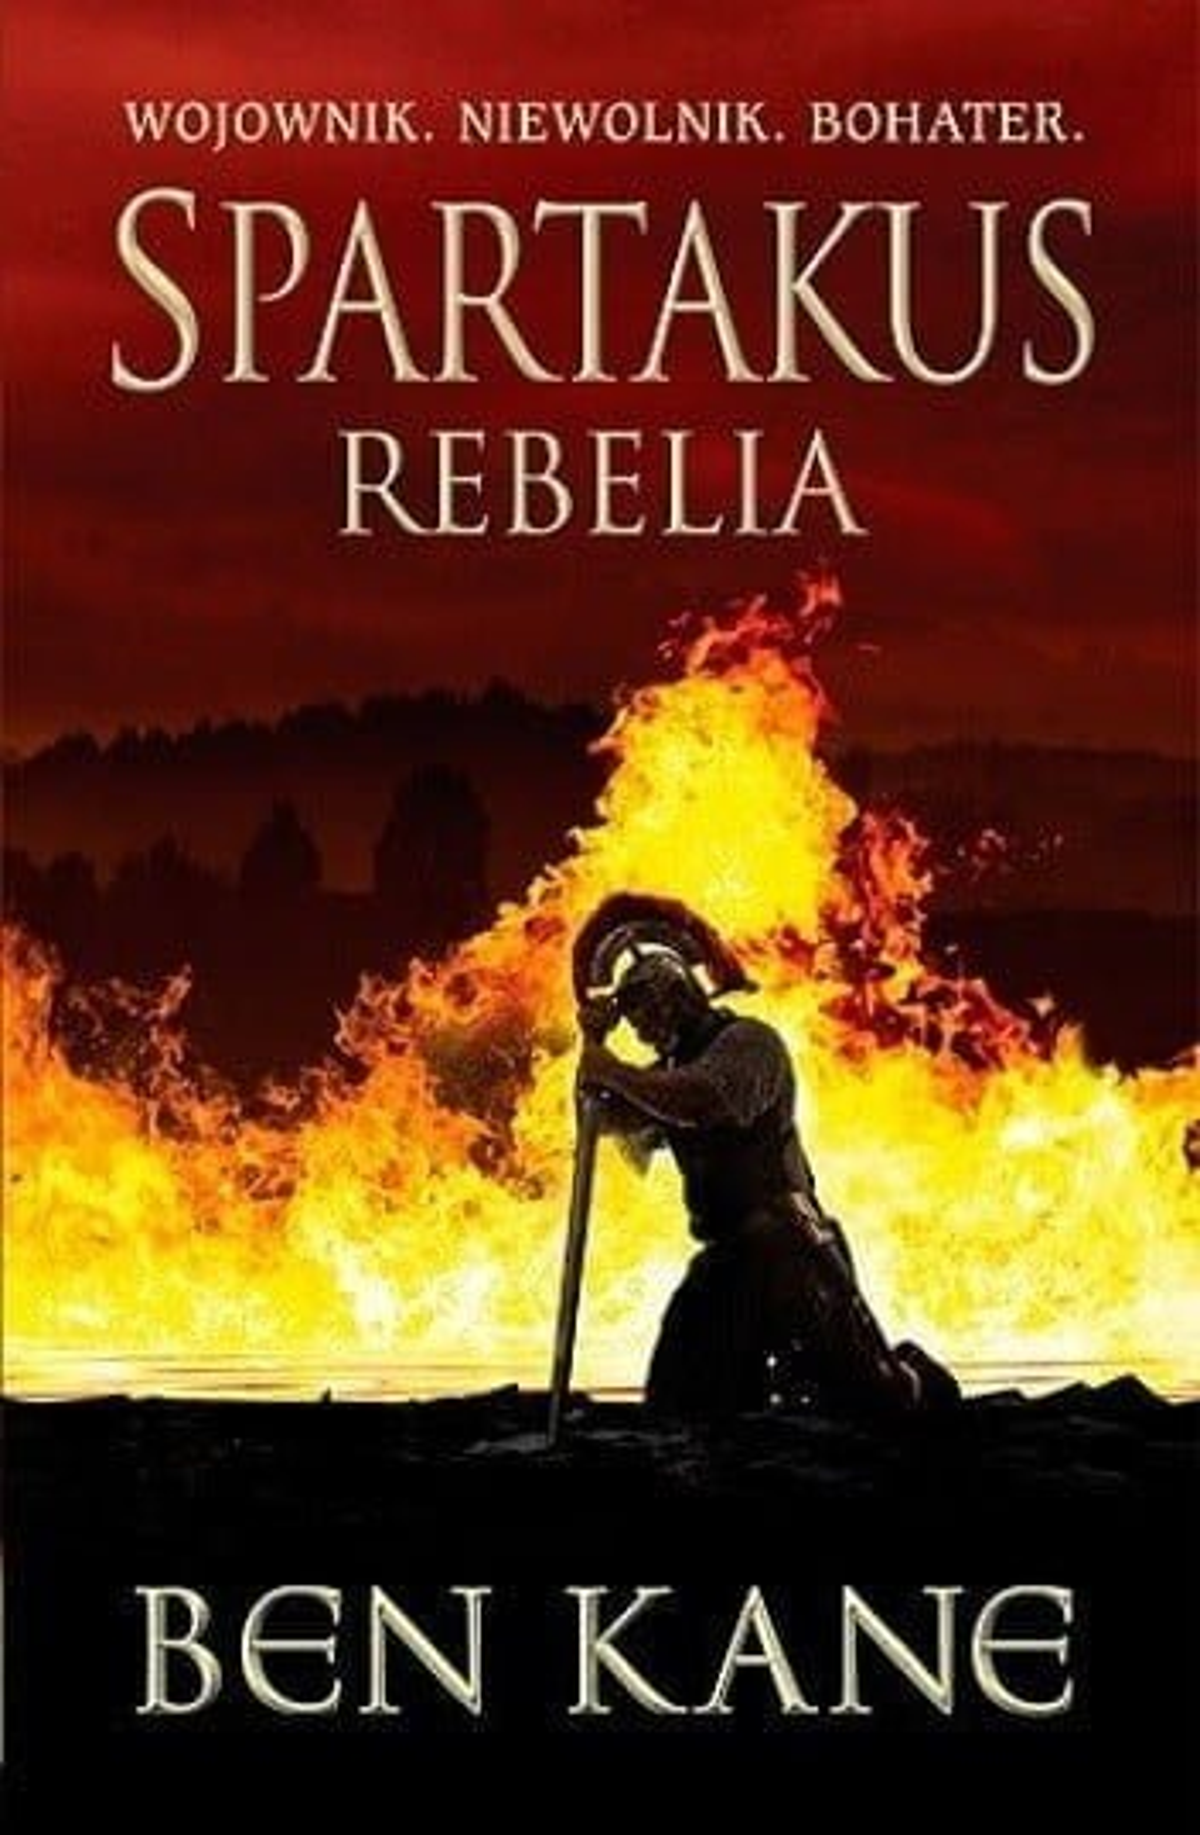 Ben Kane, Spartakus Rebelia